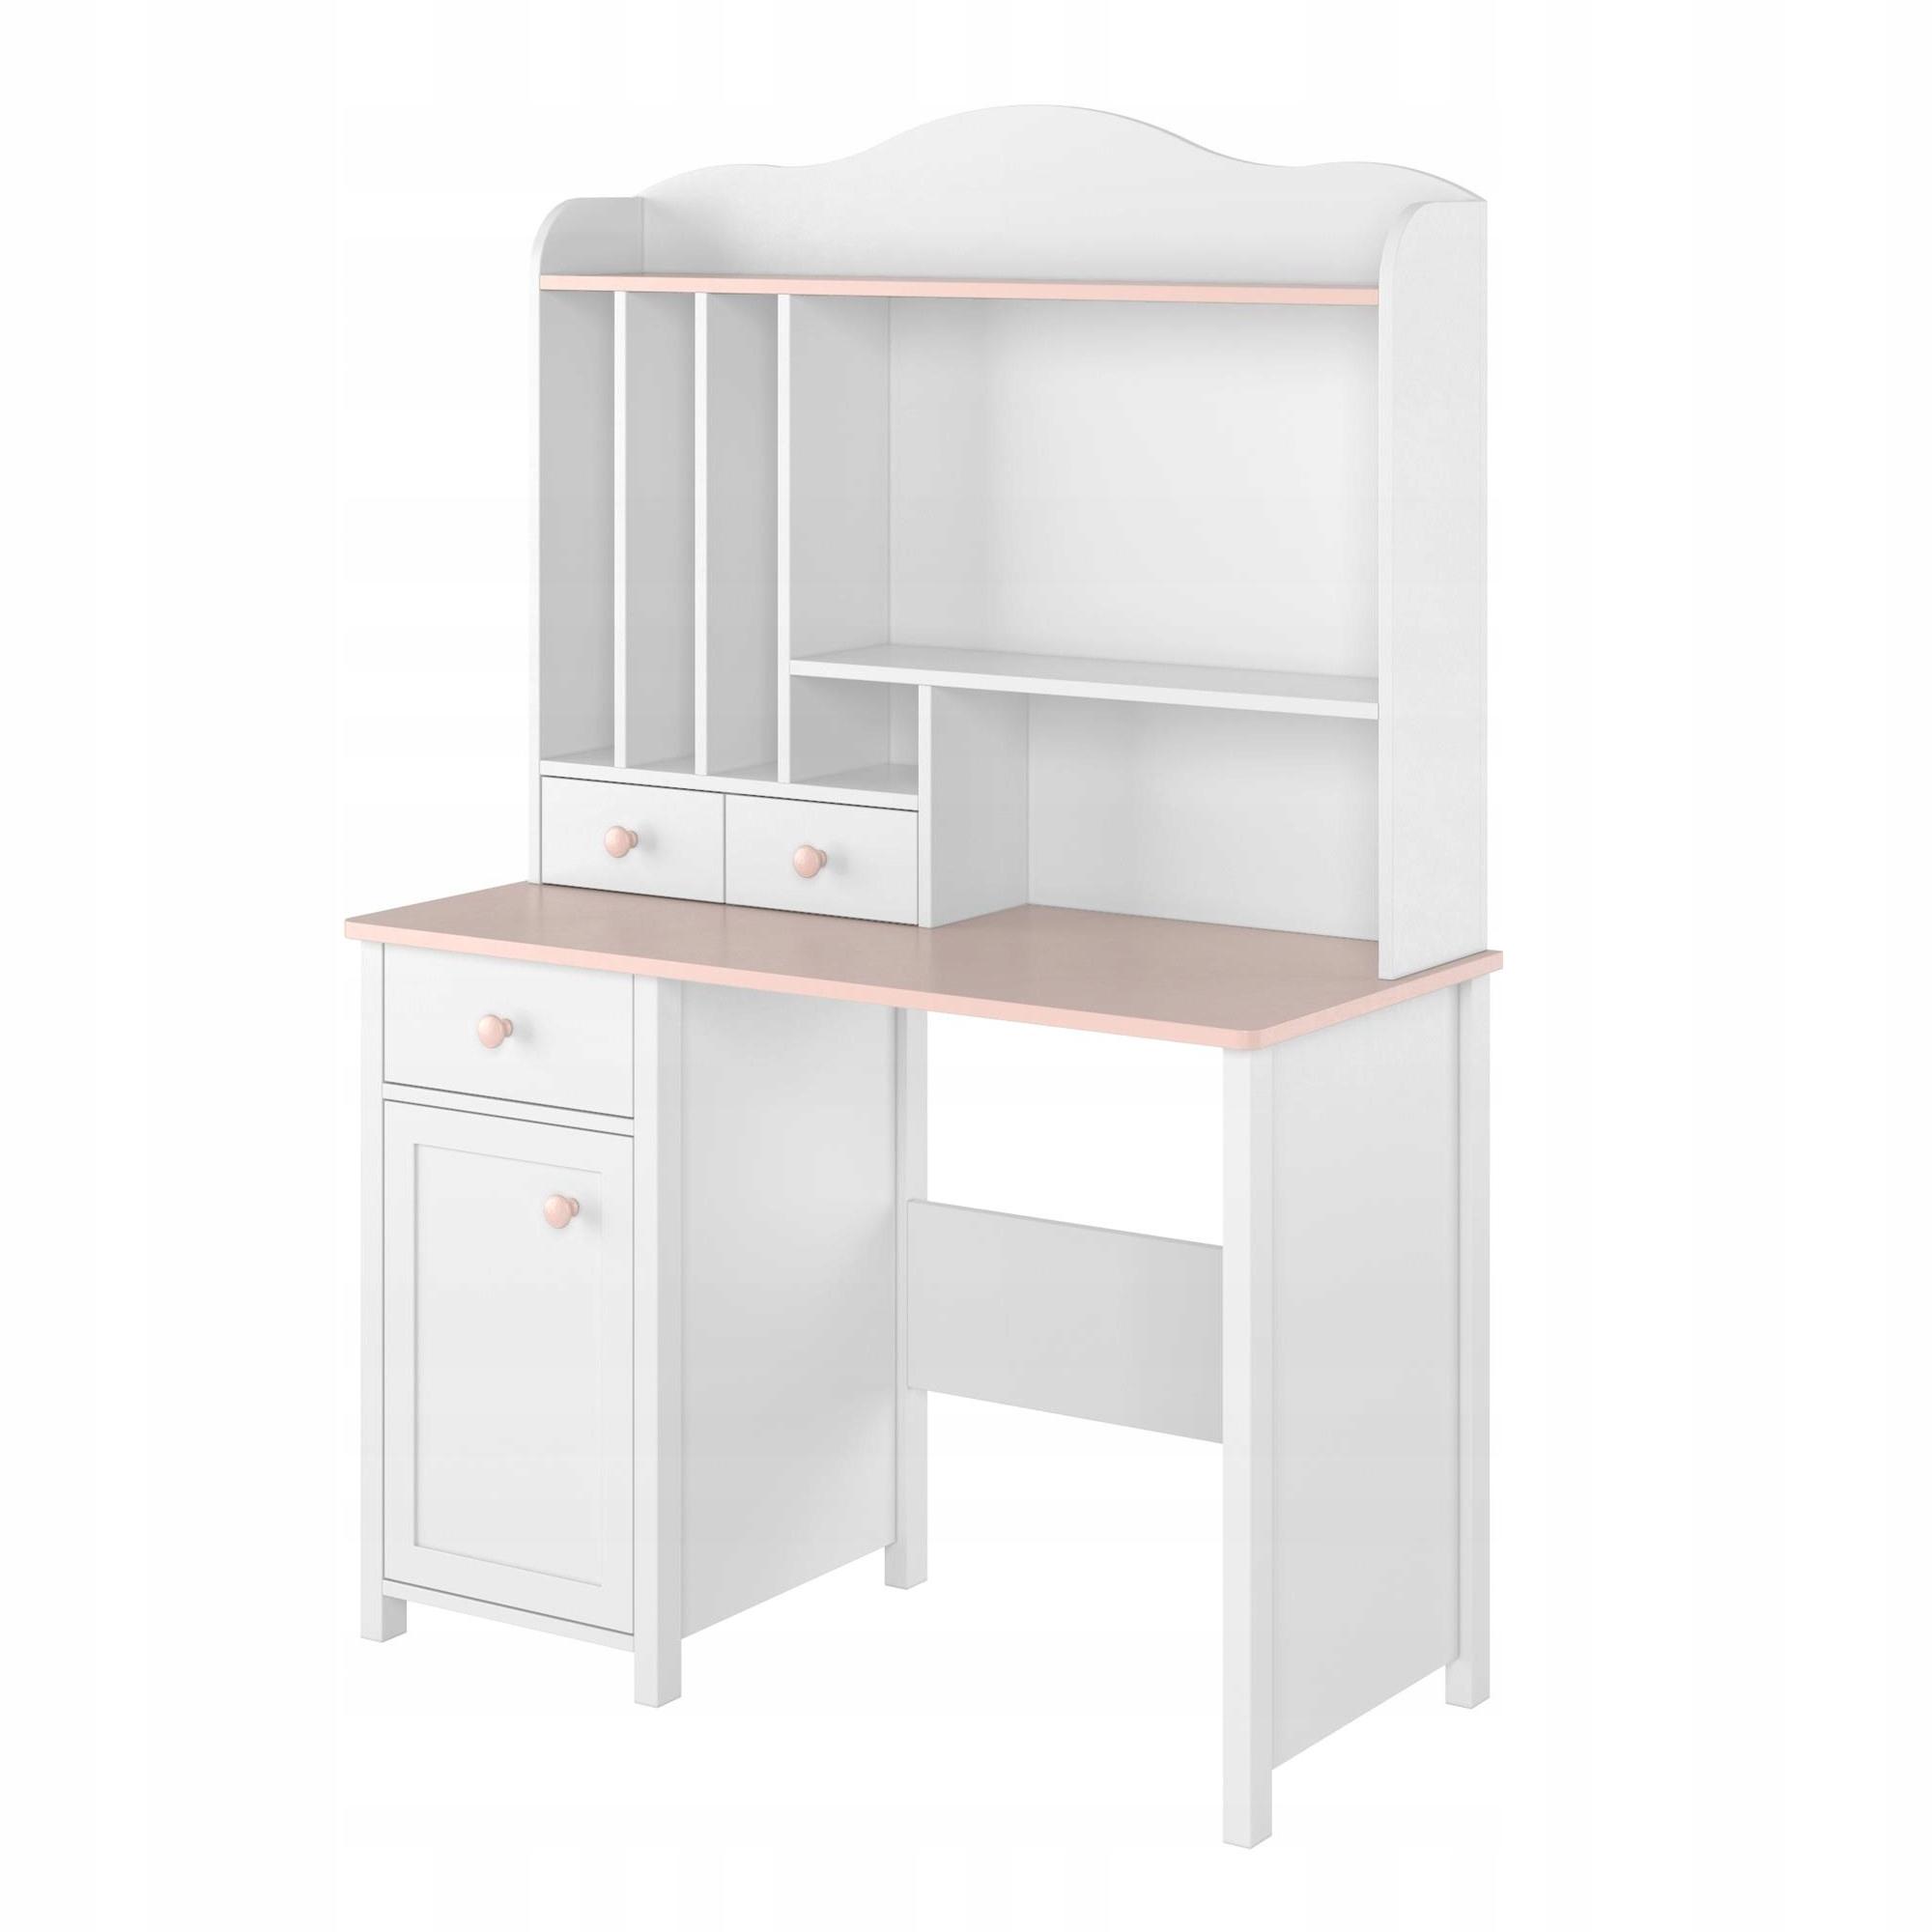 Письменный стол + надставка LUNA LN-03 + LN-04 белый / розовый